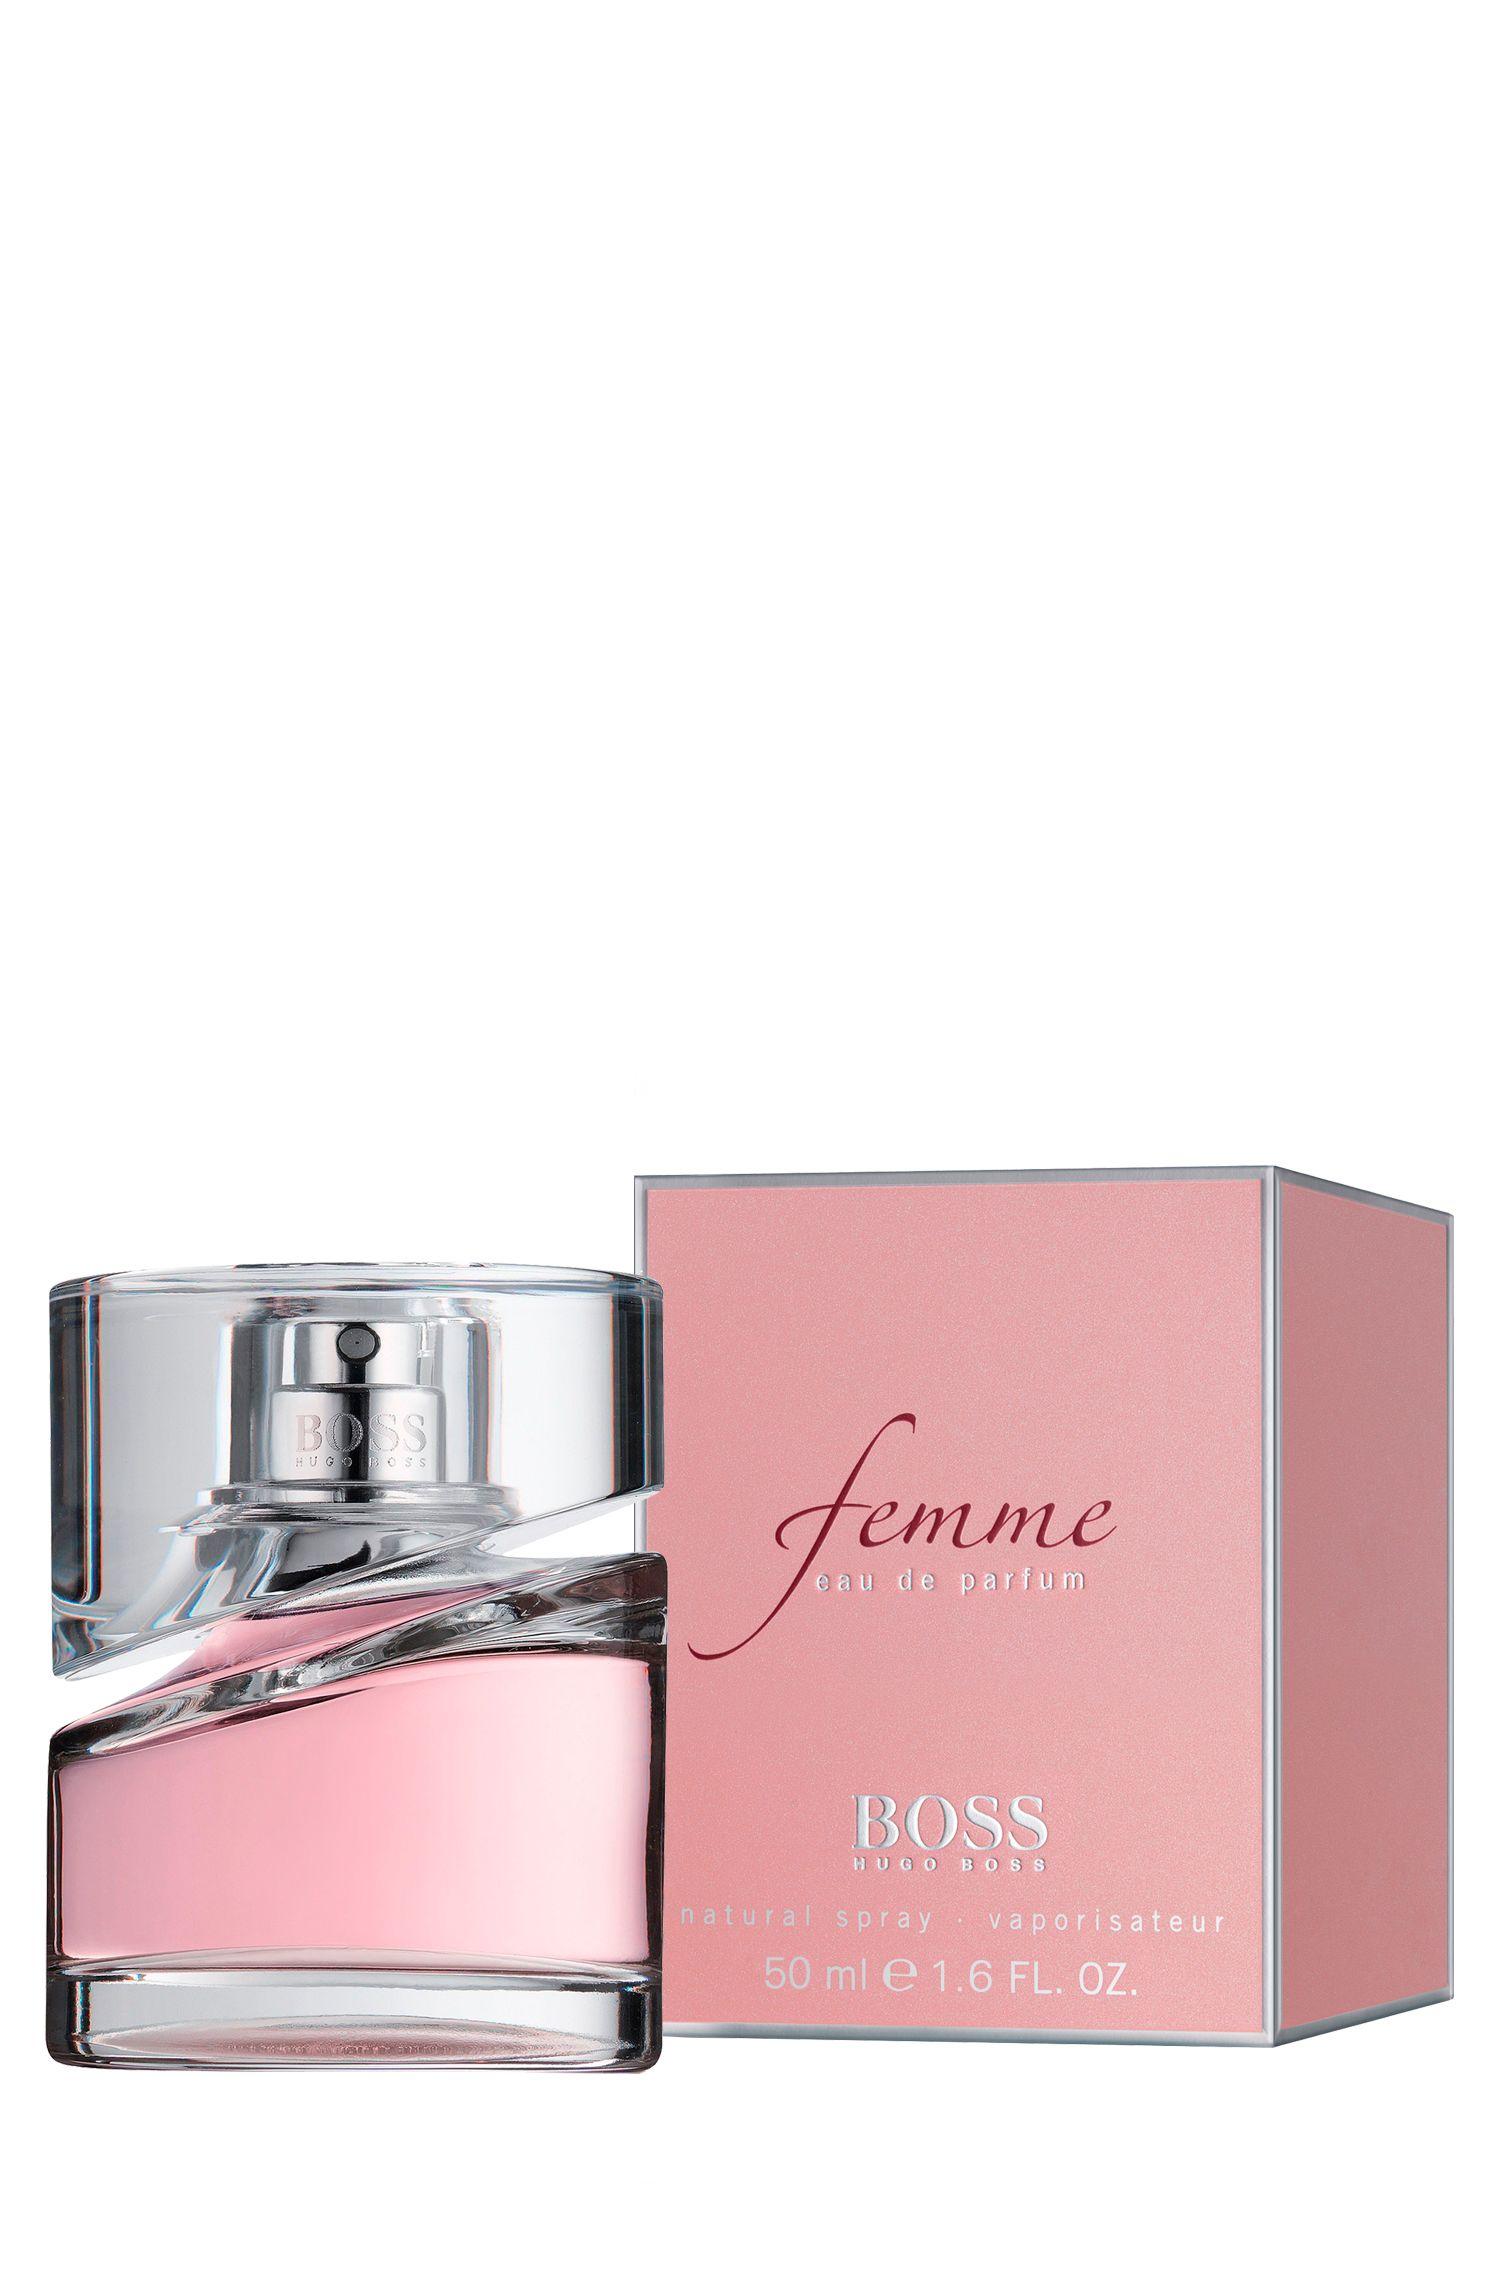 Femme by BOSS eau de parfum 50ml